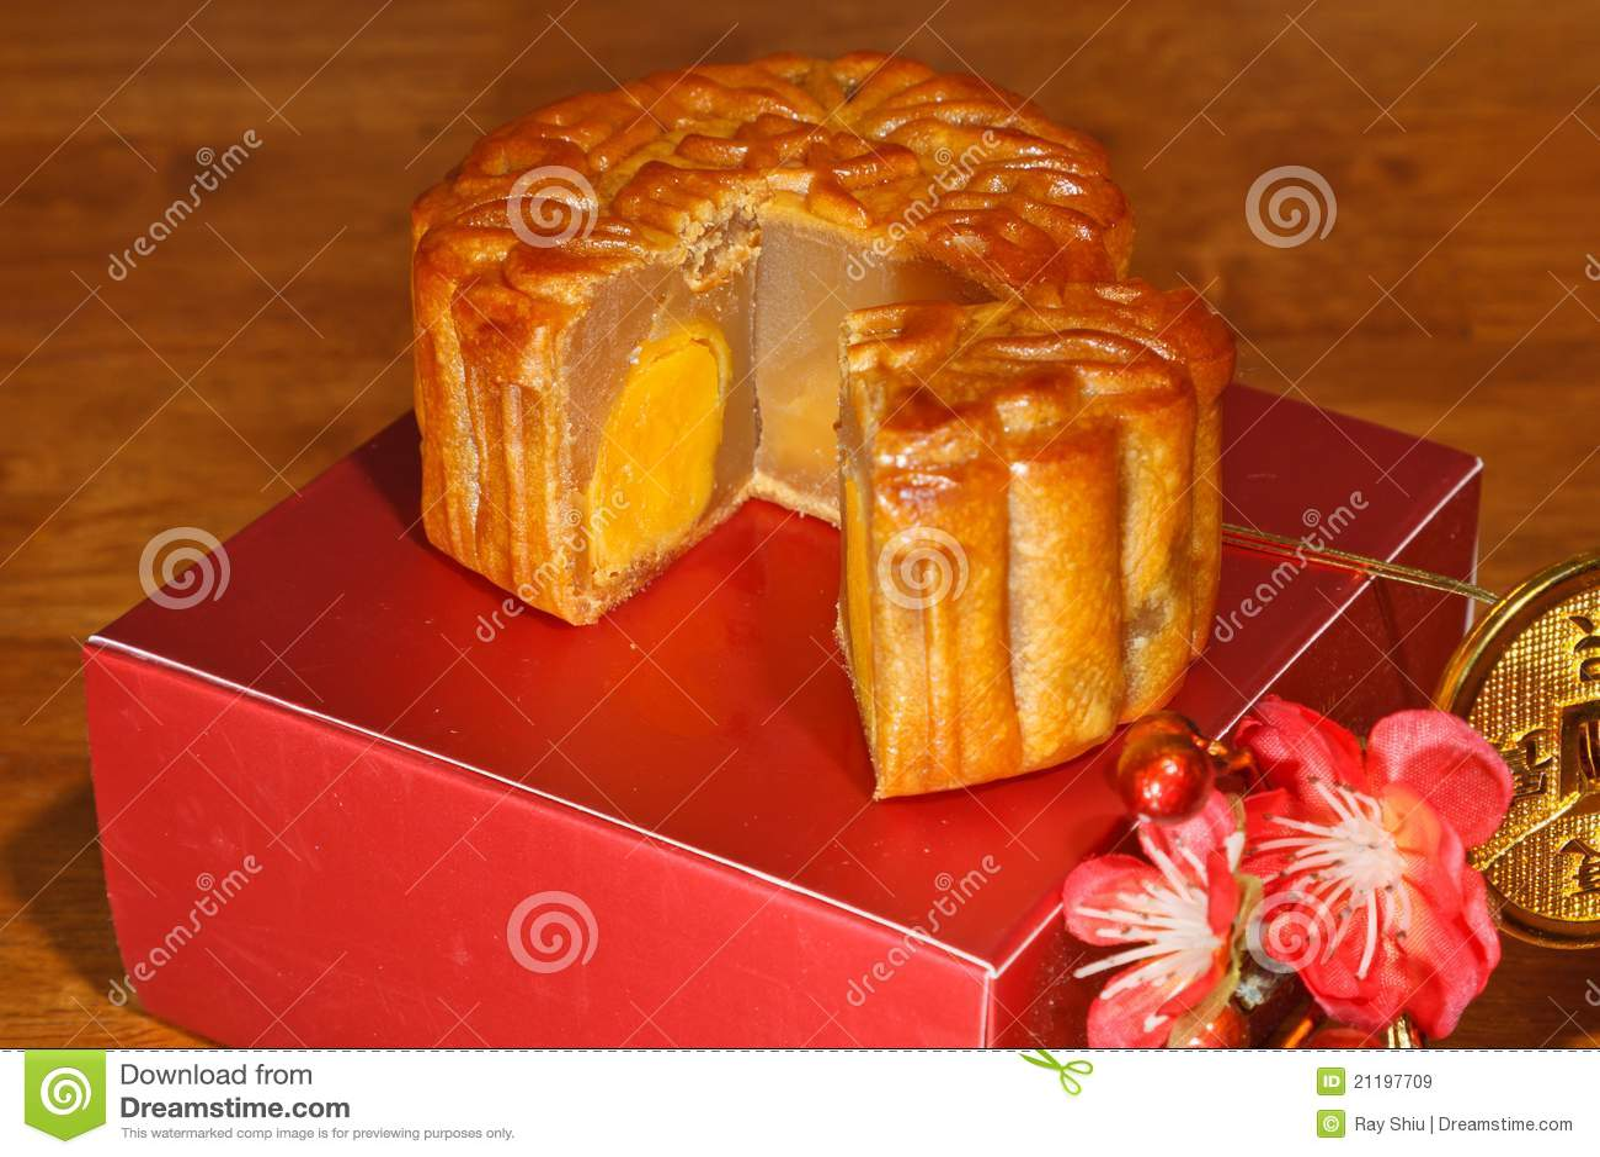 Mooncake Piece